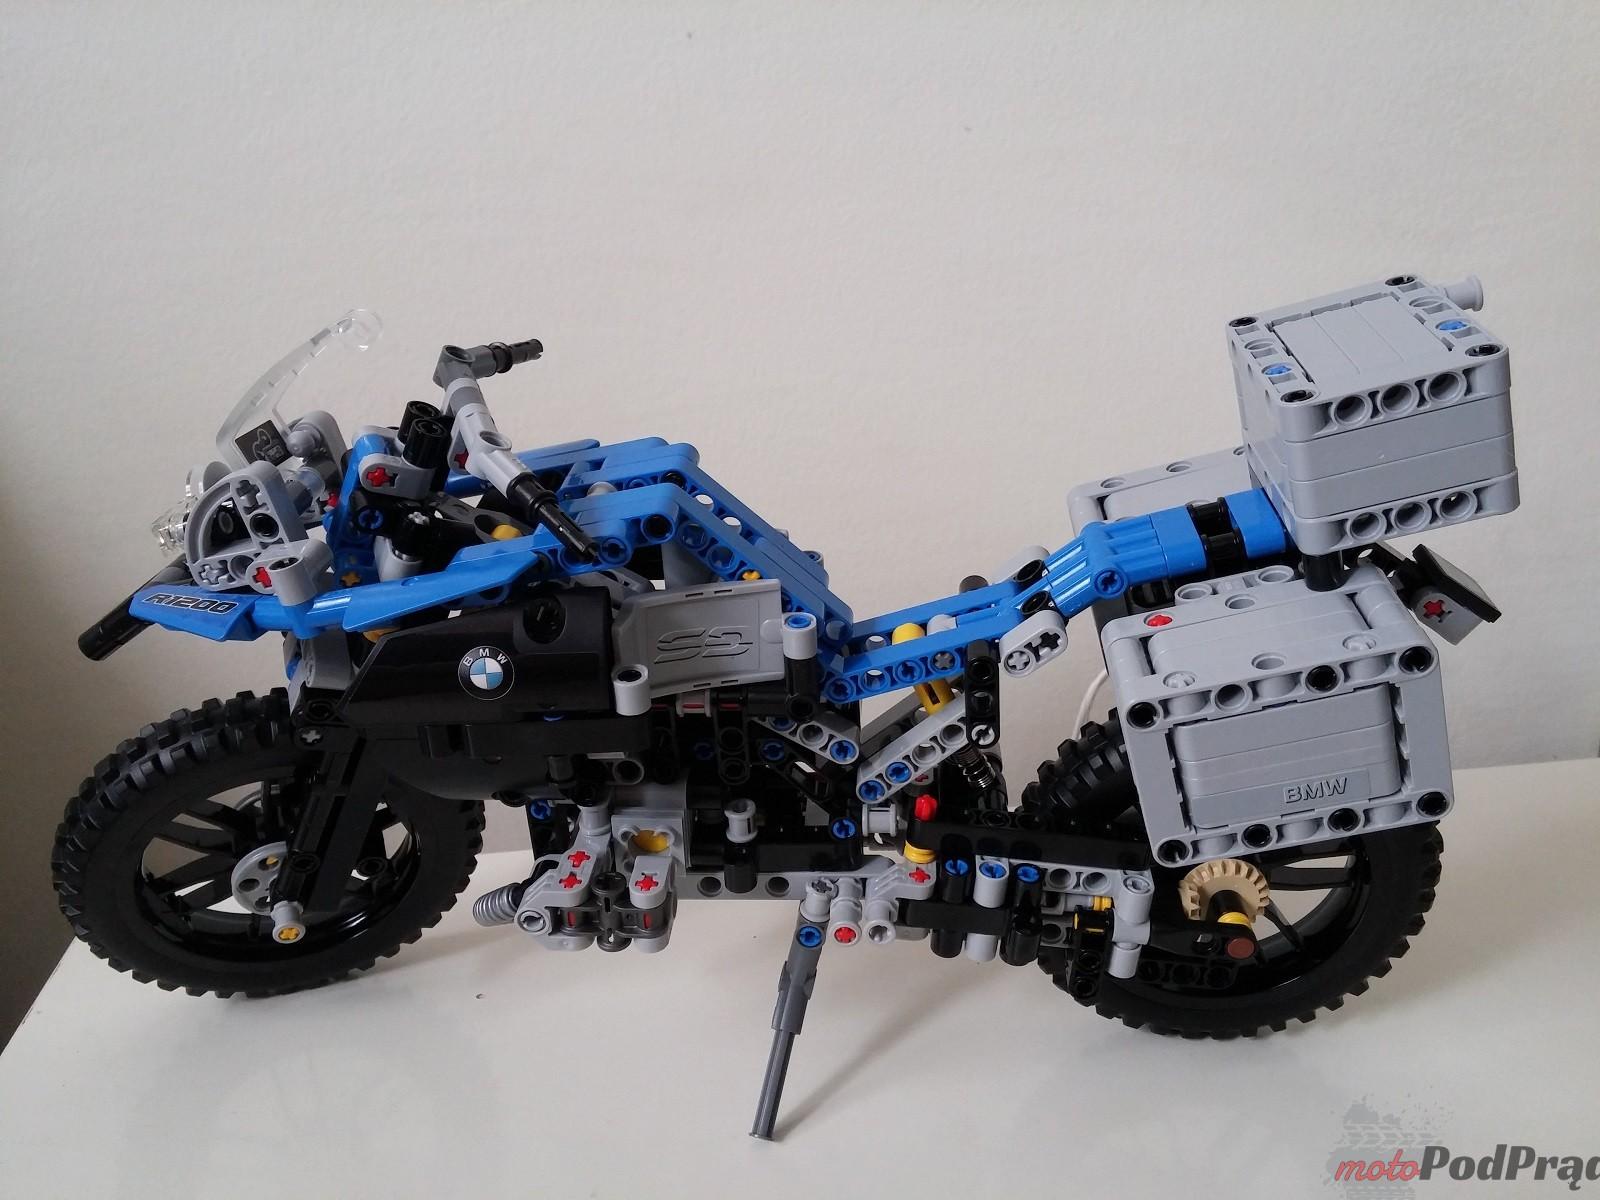 Lego Technic BMW GS 1200 R 11 LEGO Technic BMW R 1200 GS   być dzieckiem znów